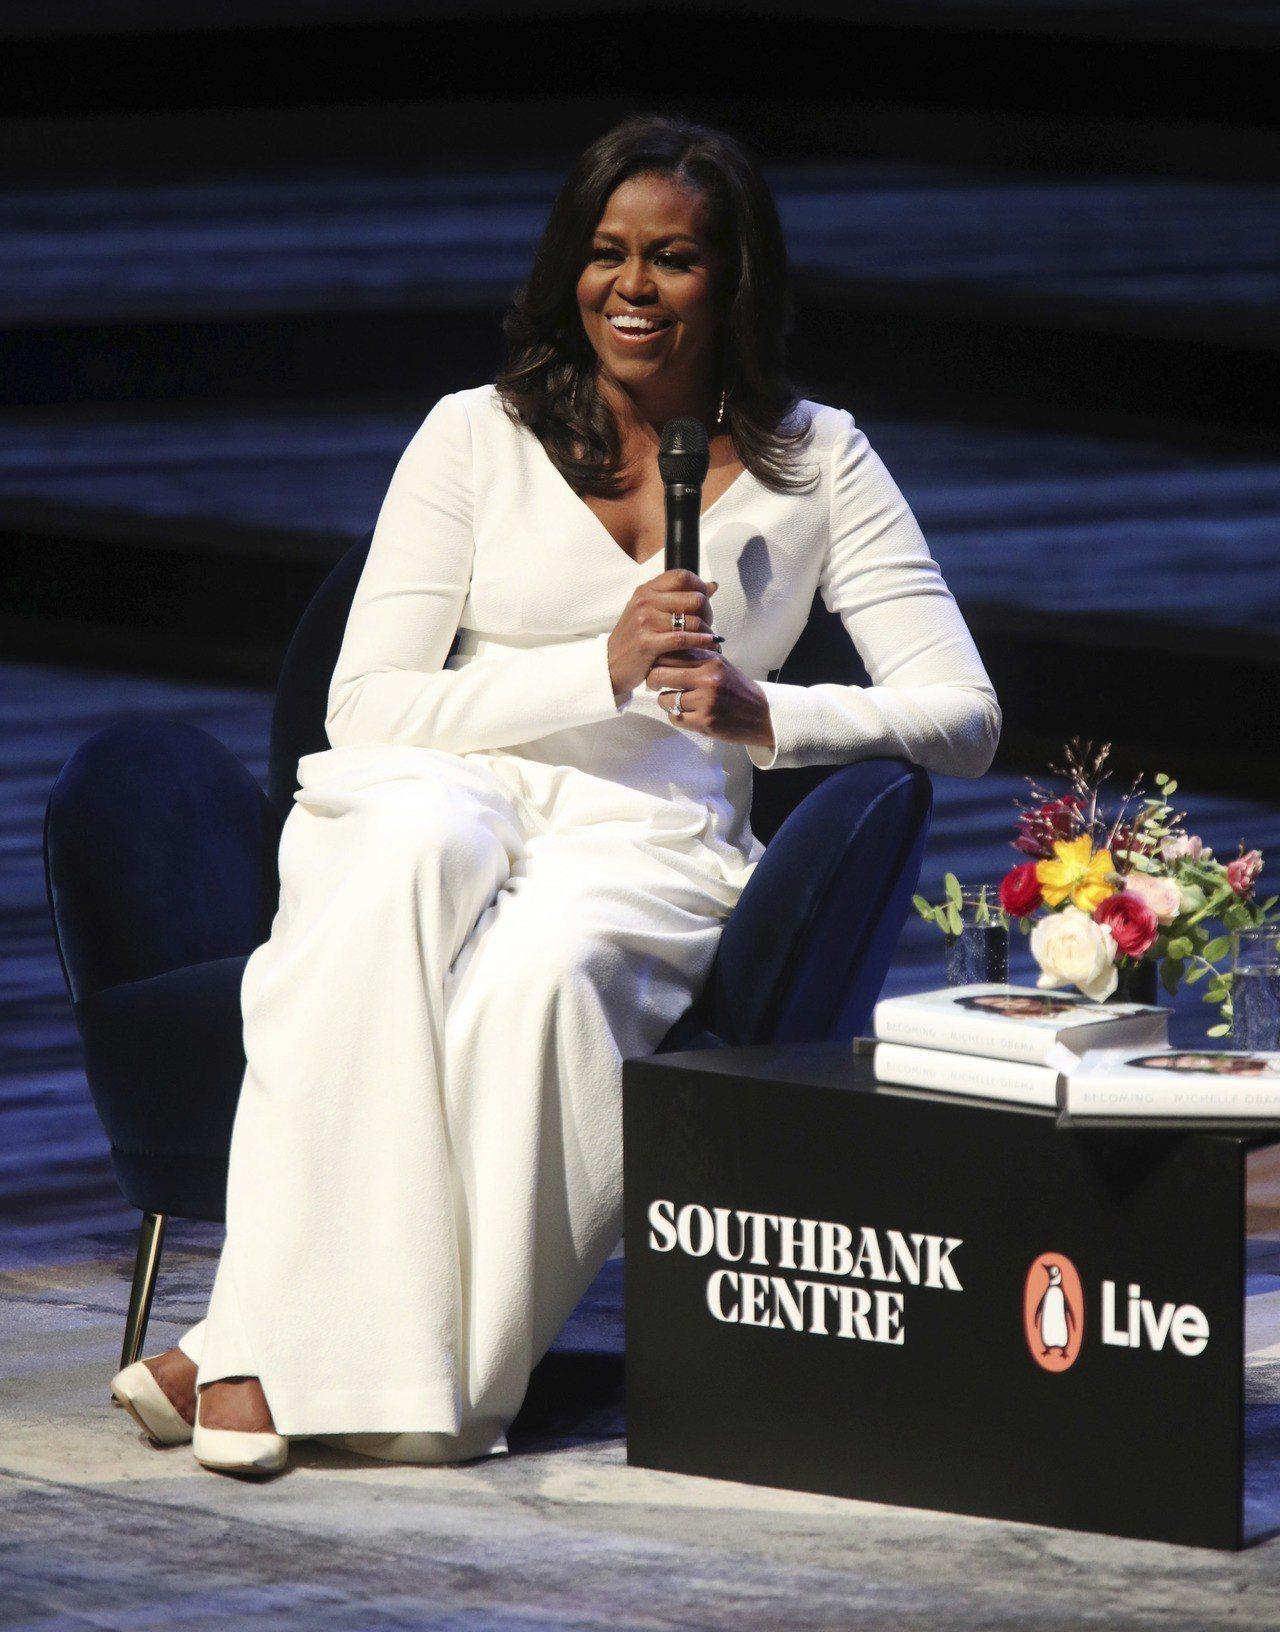 美國前第一夫人蜜雪兒.歐巴馬3日赴倫敦南岸藝術中心的皇家慶典廳宣傳回憶錄「成為這...